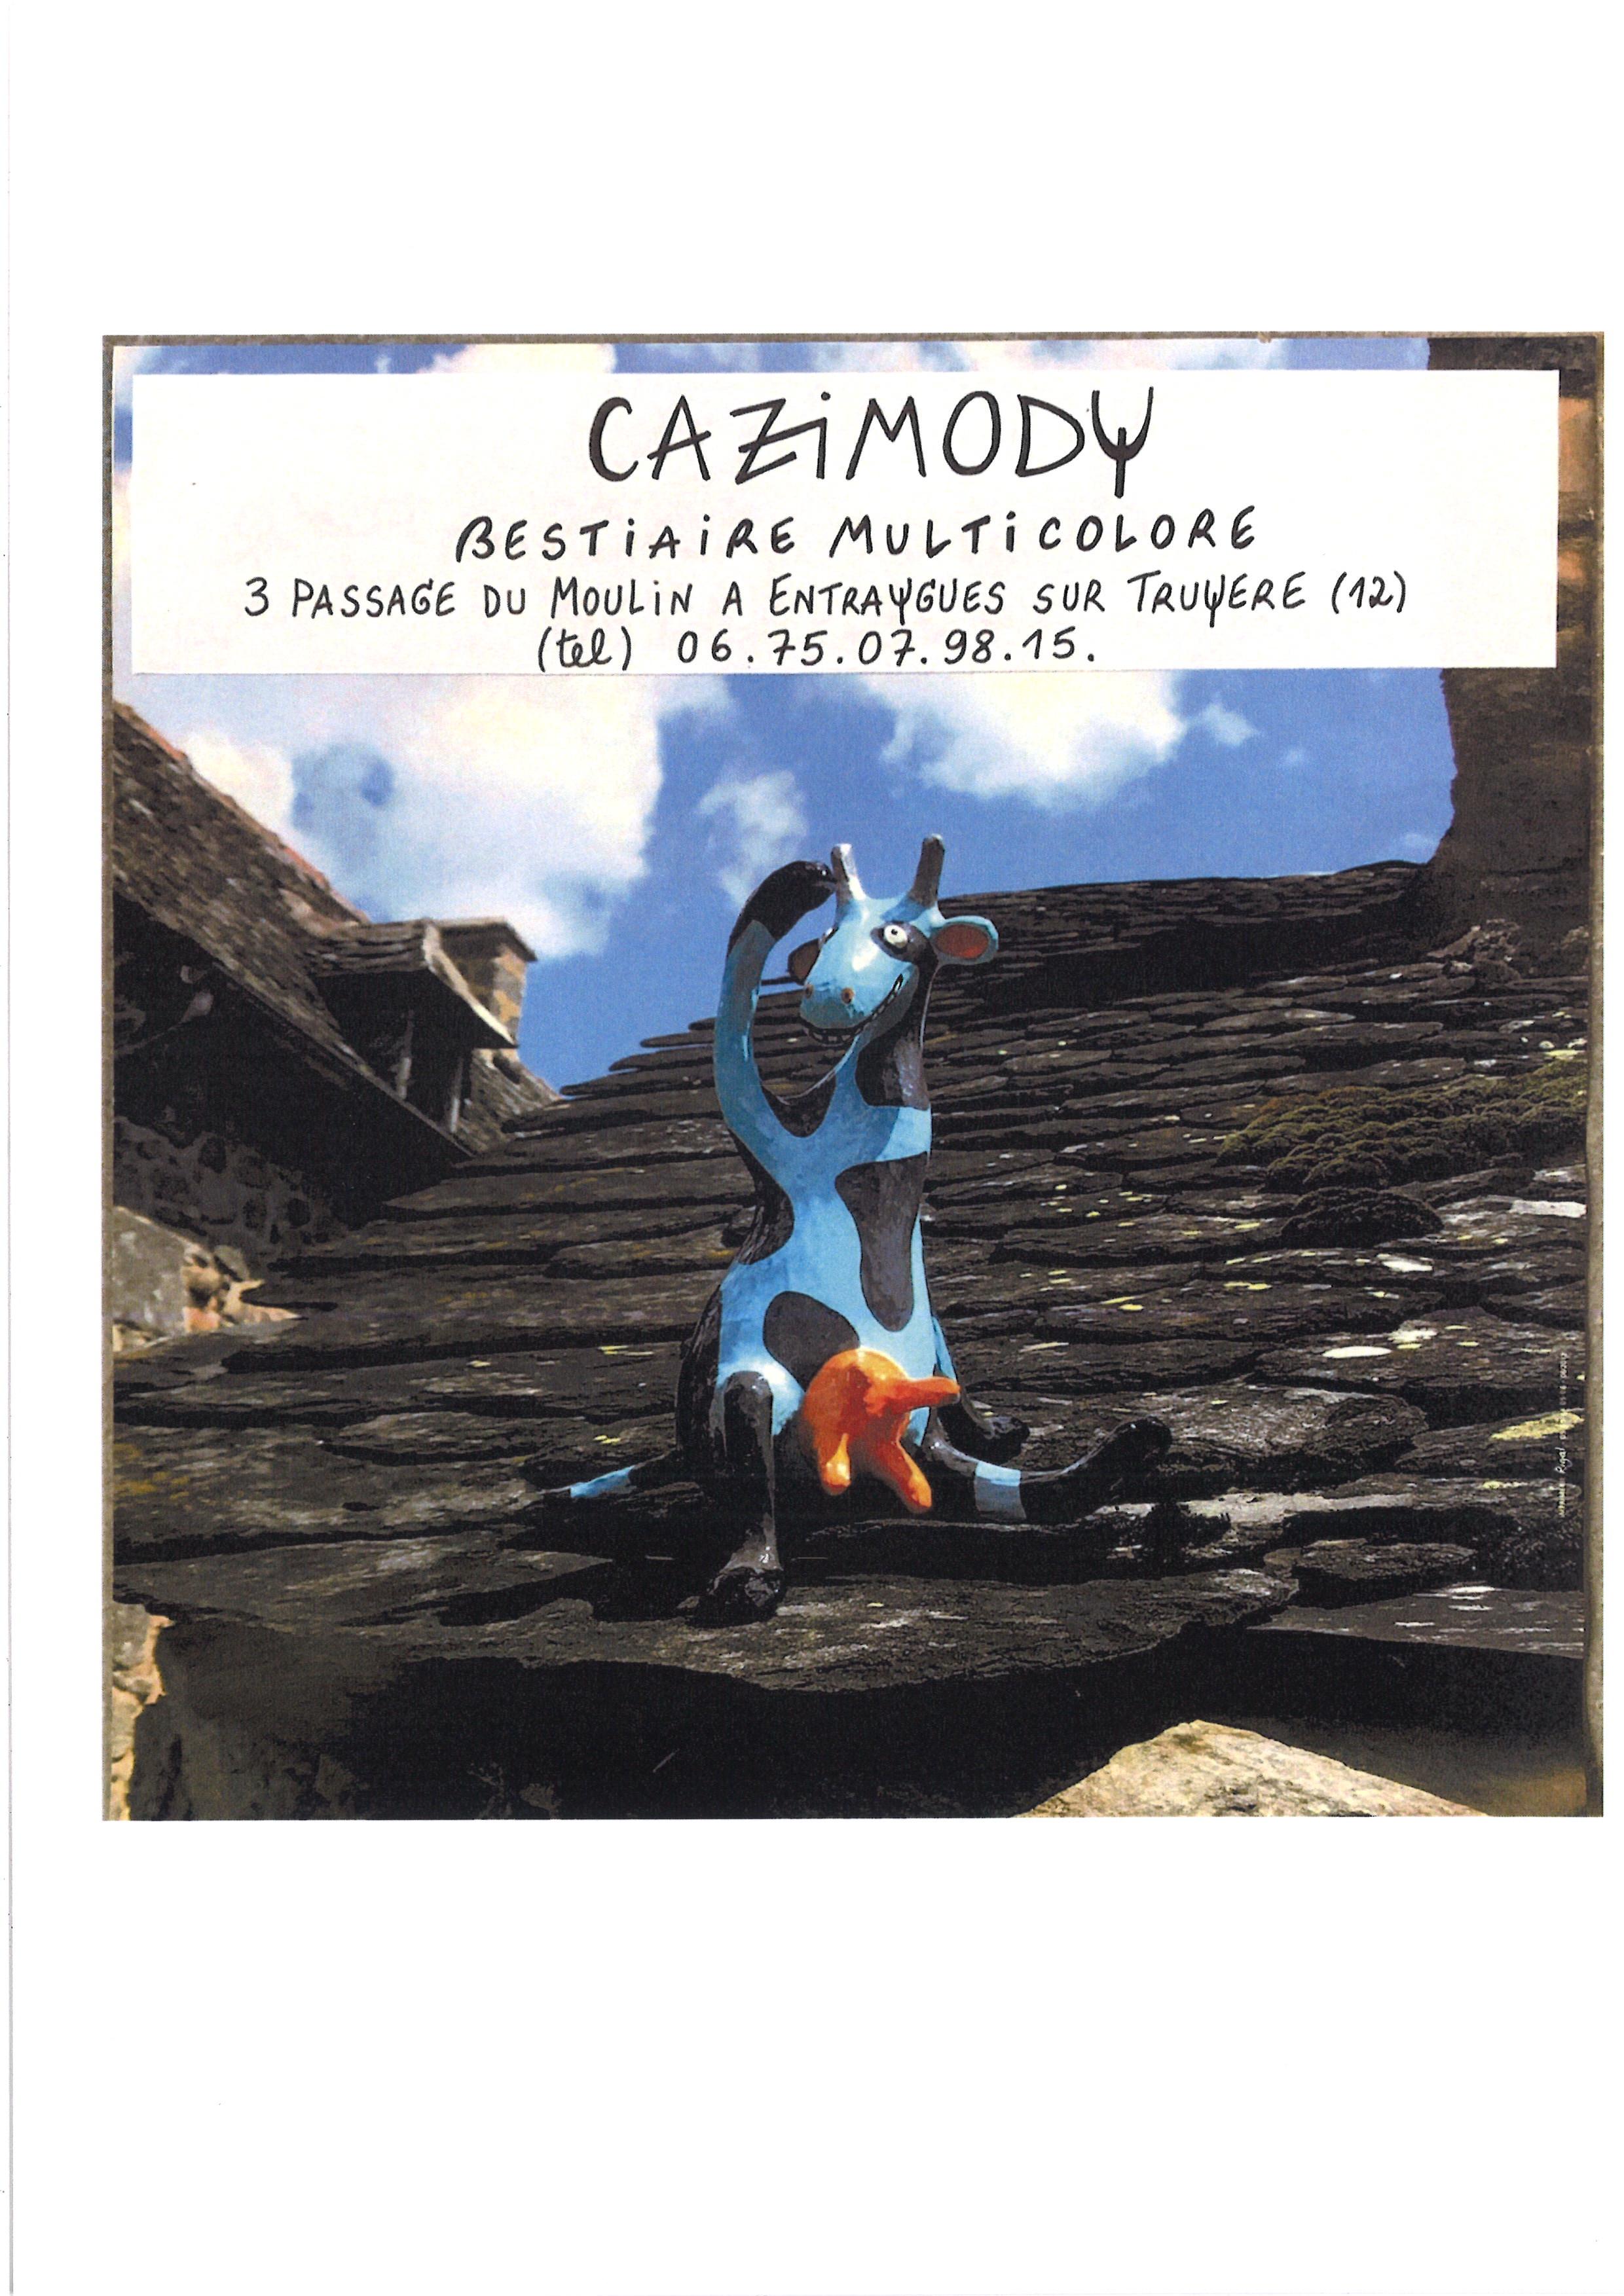 EXPO CAZIMODY